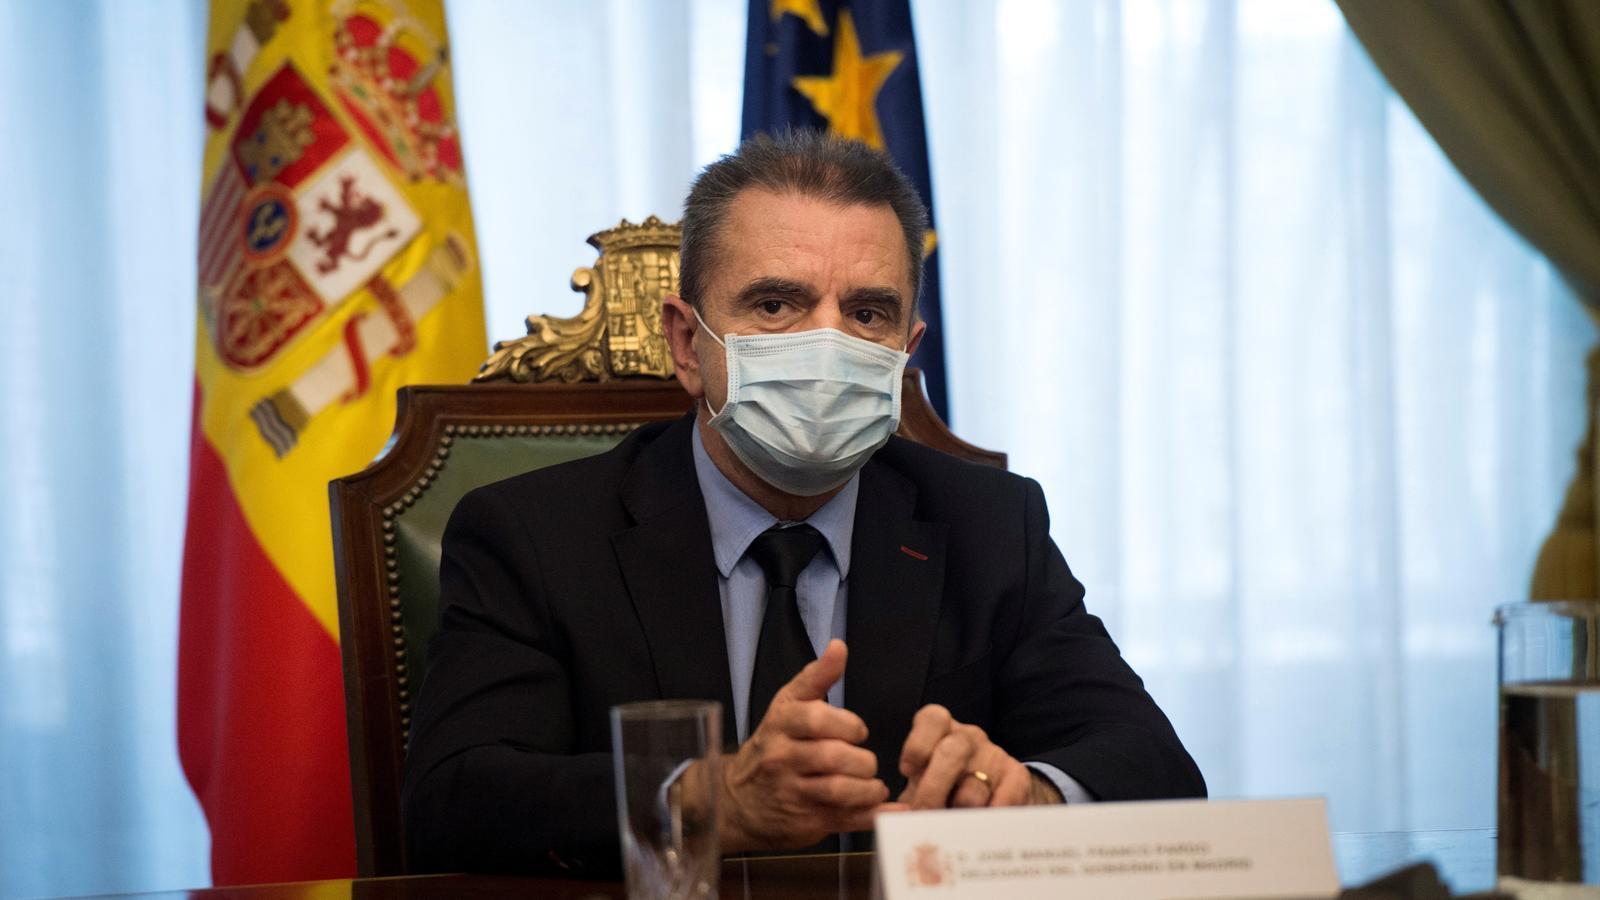 S'aguditza el pols judicial pel 8-M a Madrid: la jutge rebutja arxivar el cas com demanava la Fiscalia i l'Advocacia